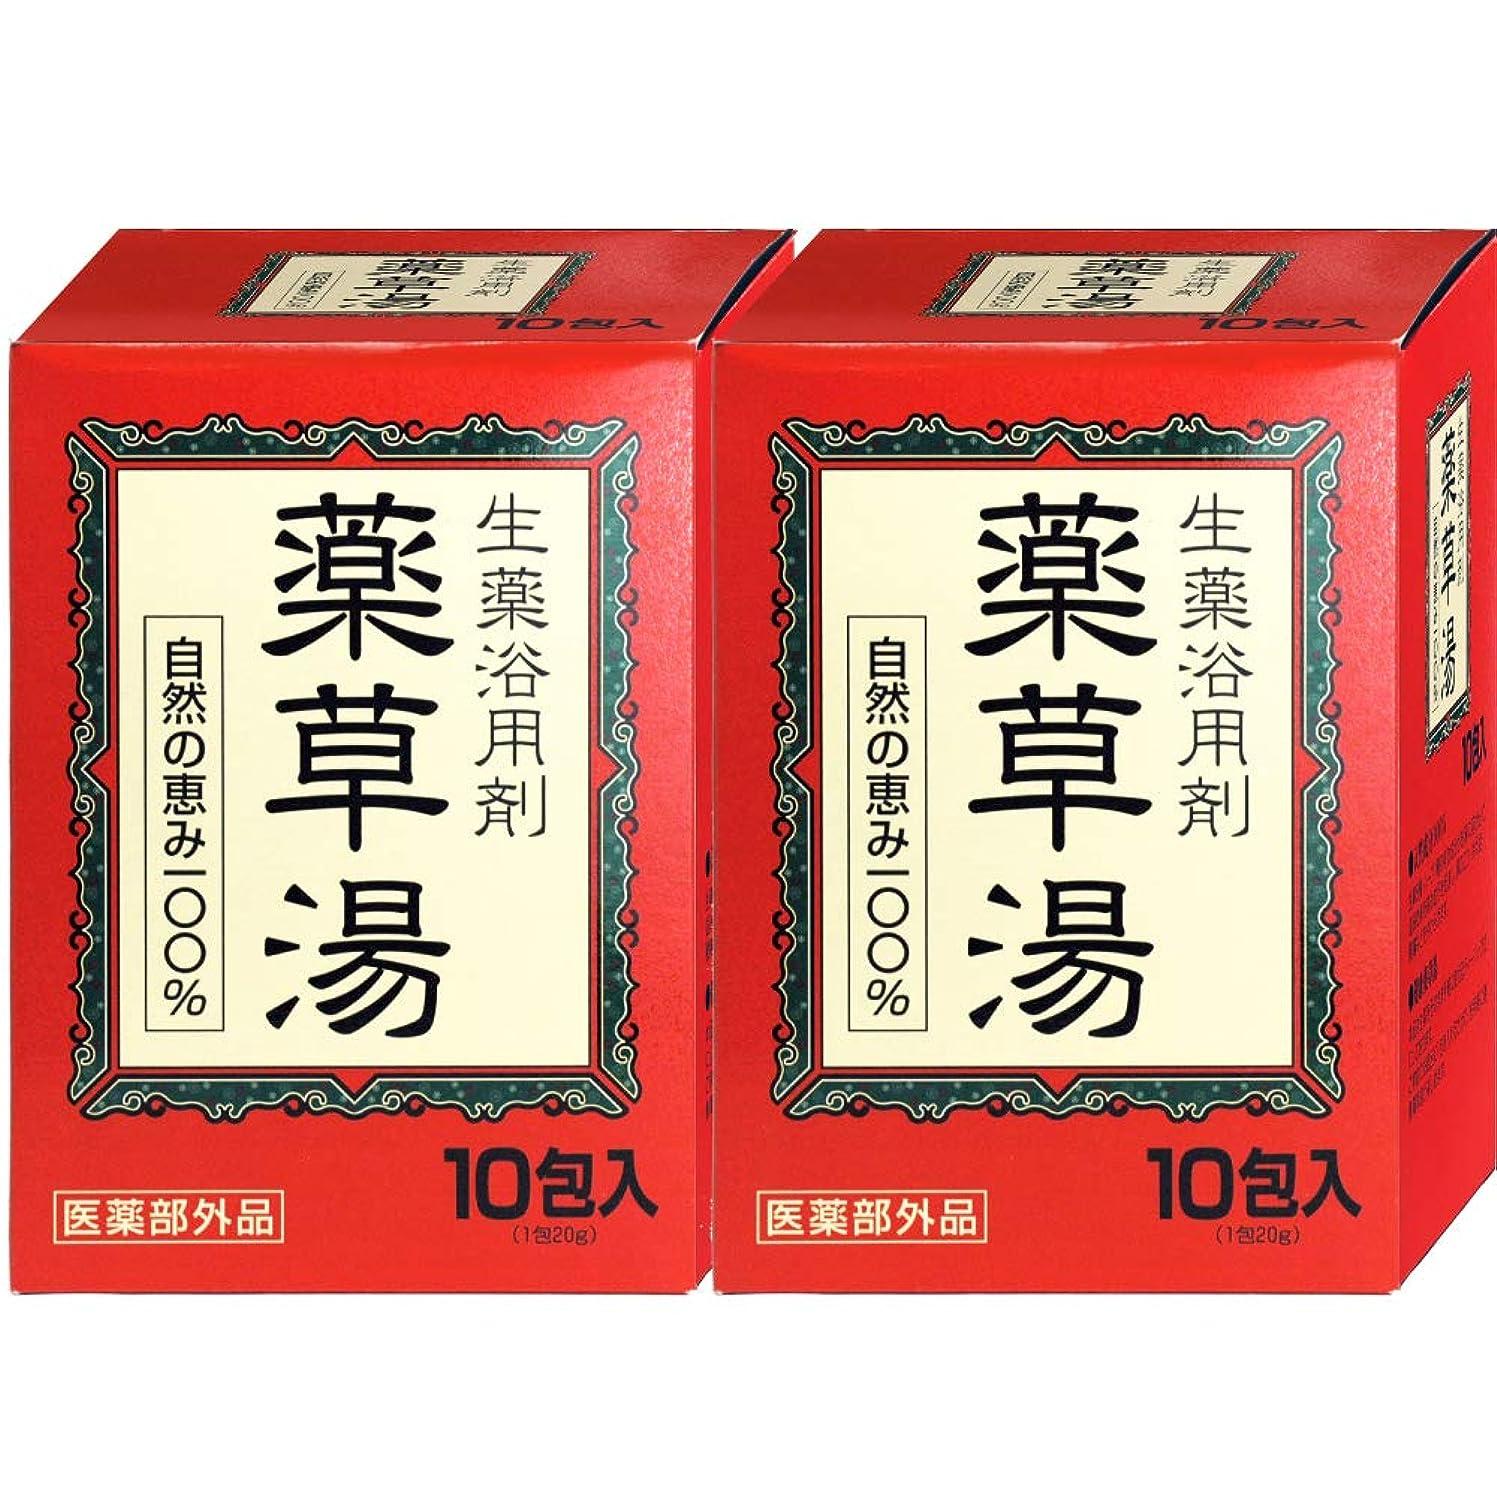 万歳シンカンターゲット薬草湯 生薬浴用剤 10包入 【2個セット】自然の恵み100% 医薬部外品